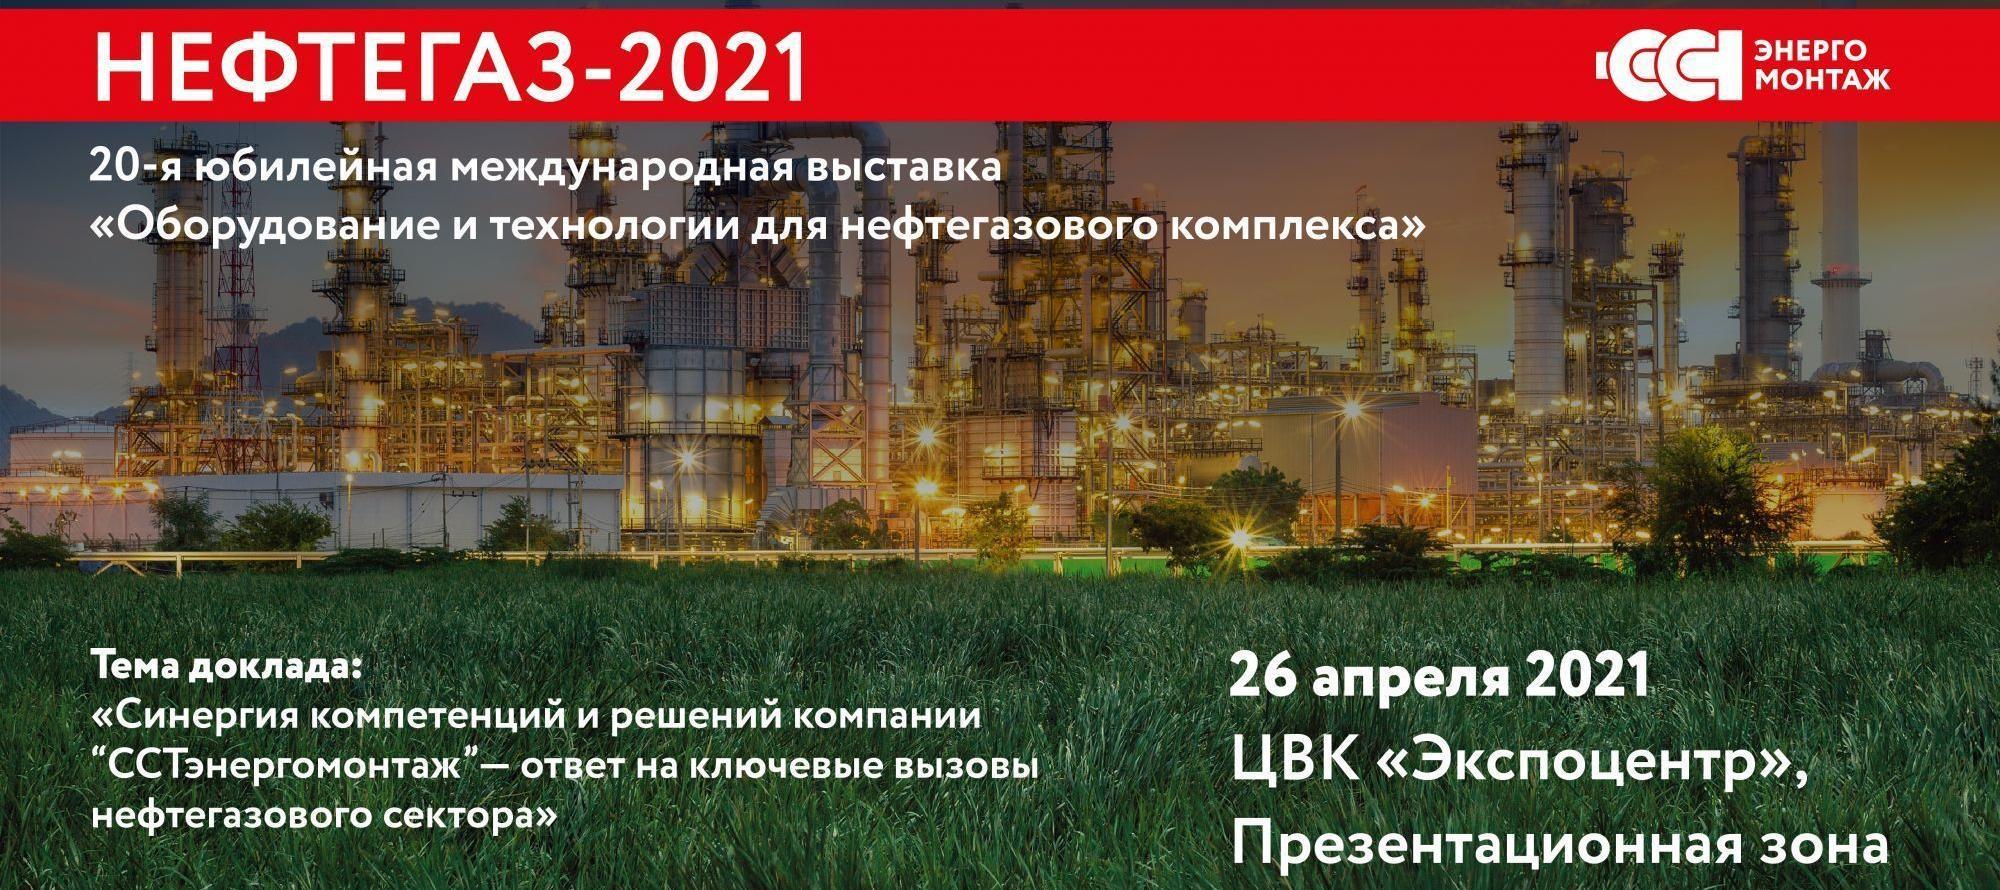 Решения и компетенции «ССТэнергомонтаж» на «Нефтегаз–2021»